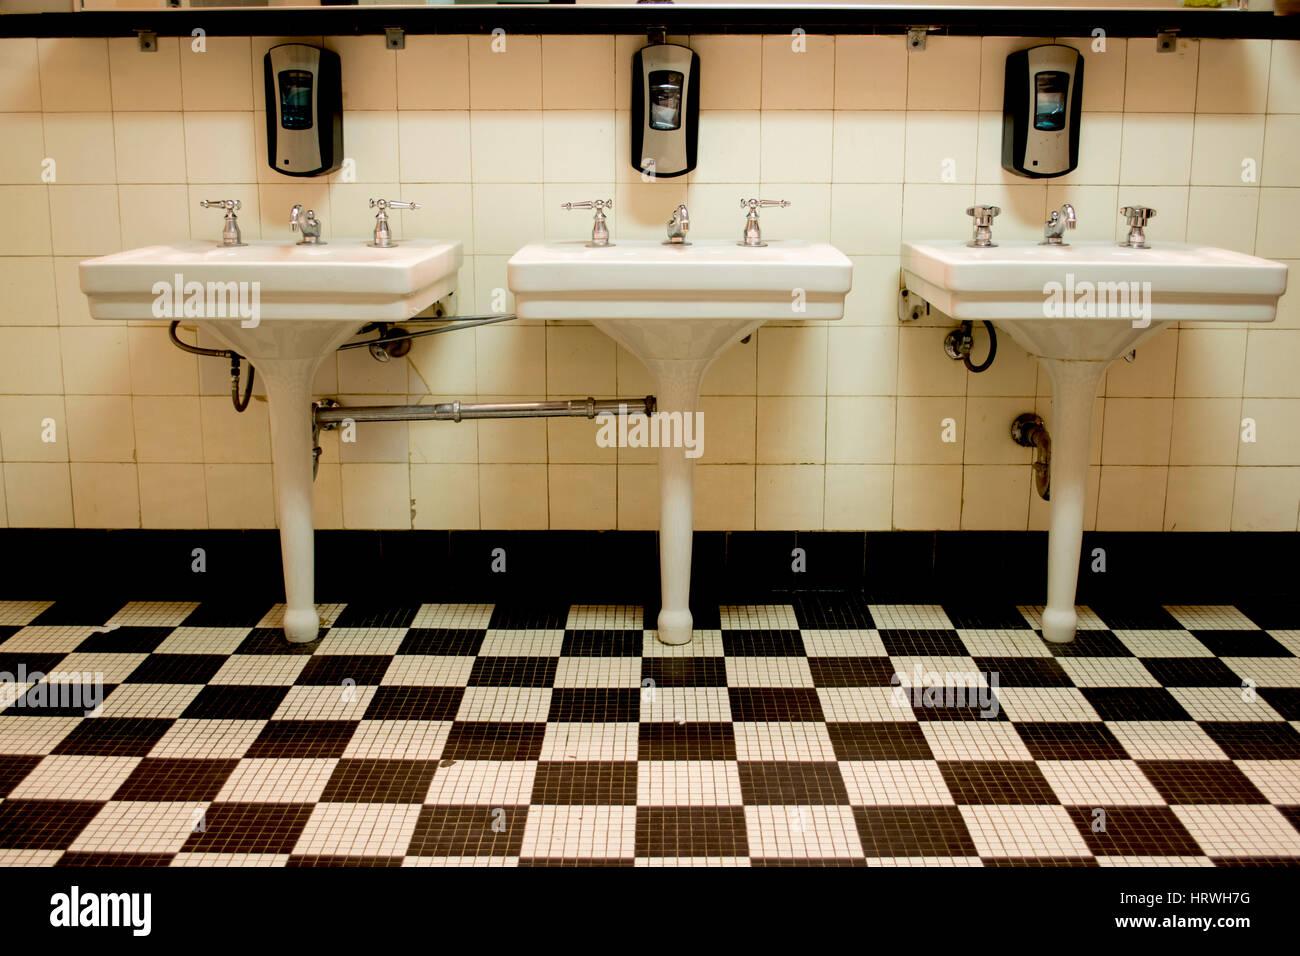 Tre porcellana bianca affonda in un vecchio art deco bagno pubblico